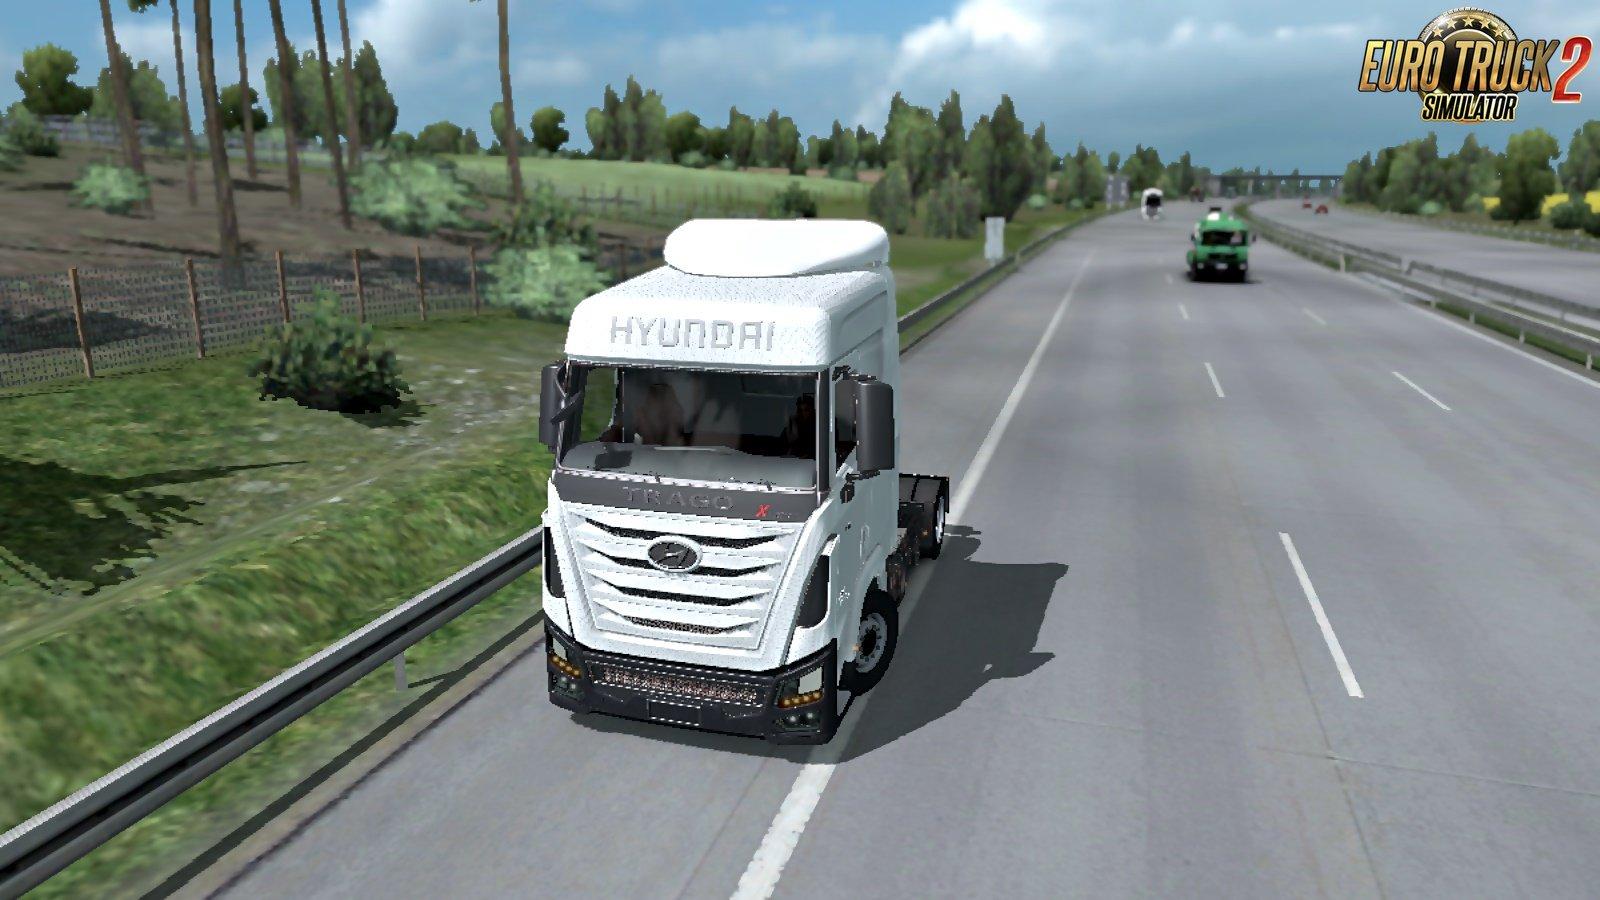 Hyundai Xcient Truck + Interior v0.2 (1.38.x)